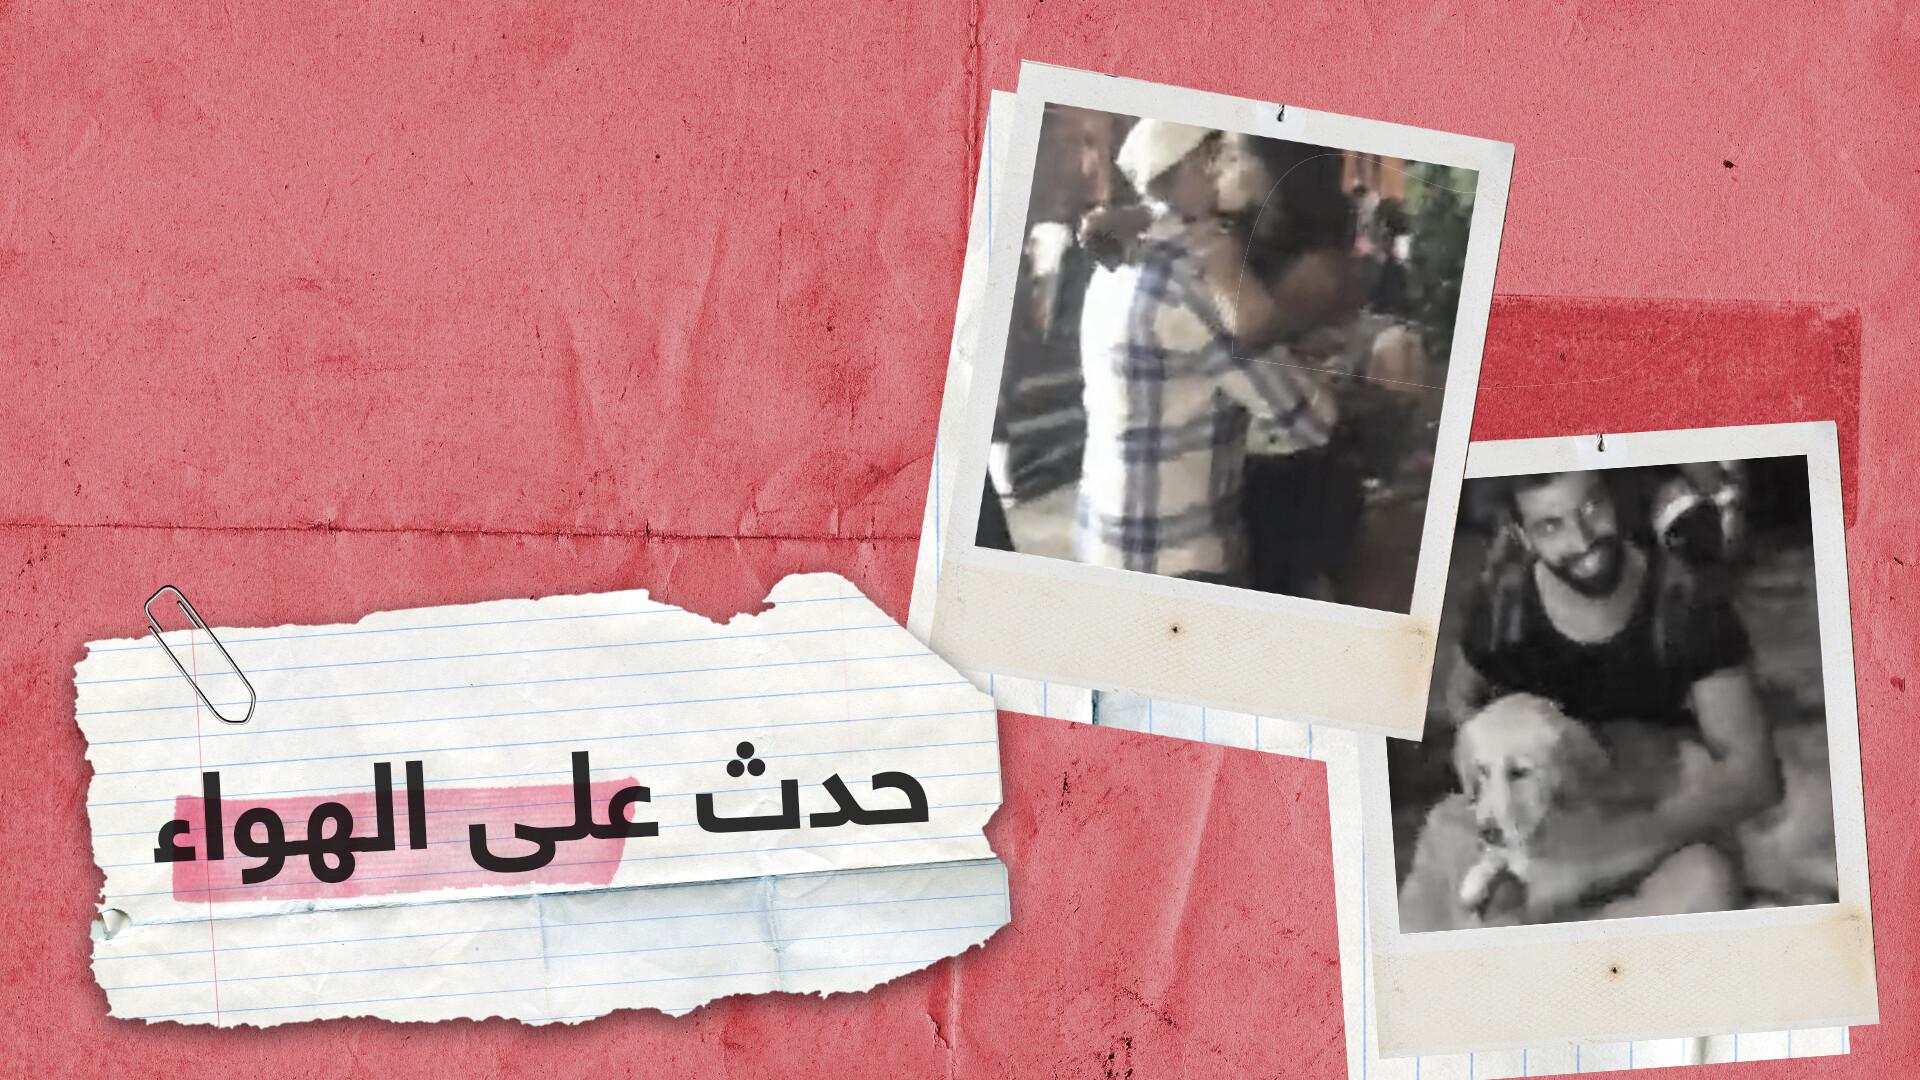 قبلة وأكلة.. 3 مشاهد من احتجاجات لبنان على هواء RT Online